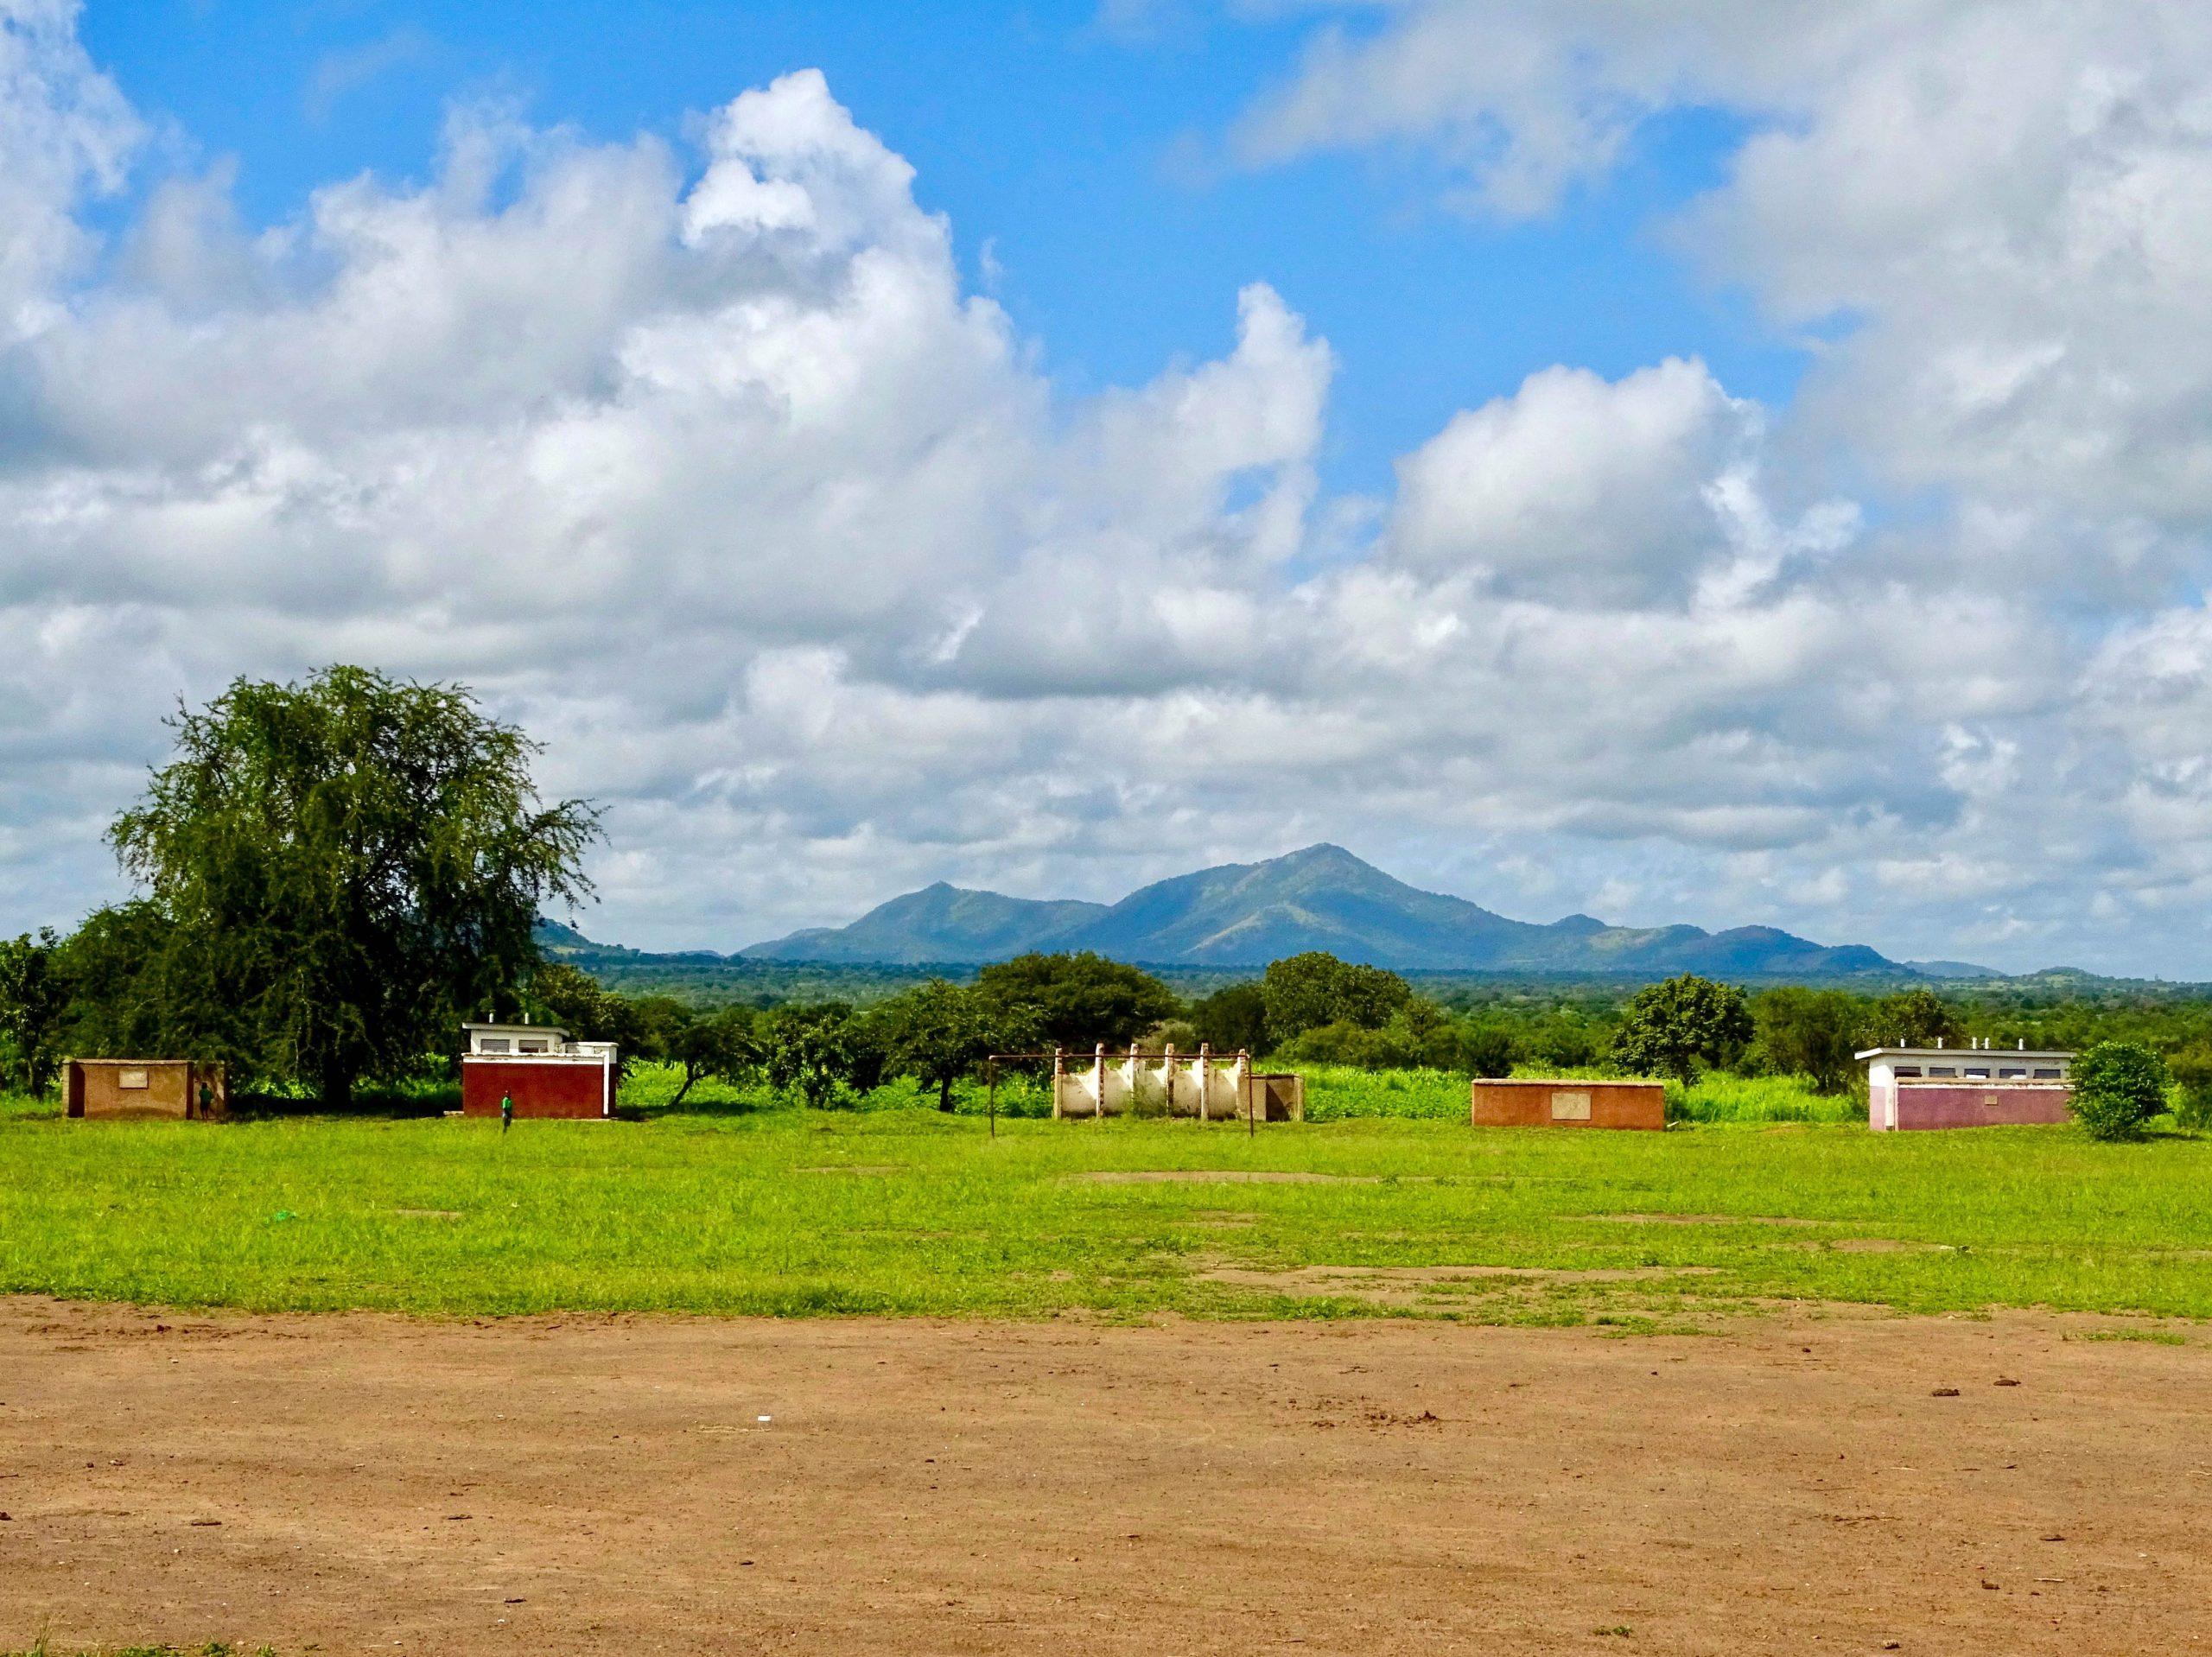 De contouren van het Morungole gebergte op ruim 140 km verwijderd in het zuidelijk deel van Kidepo